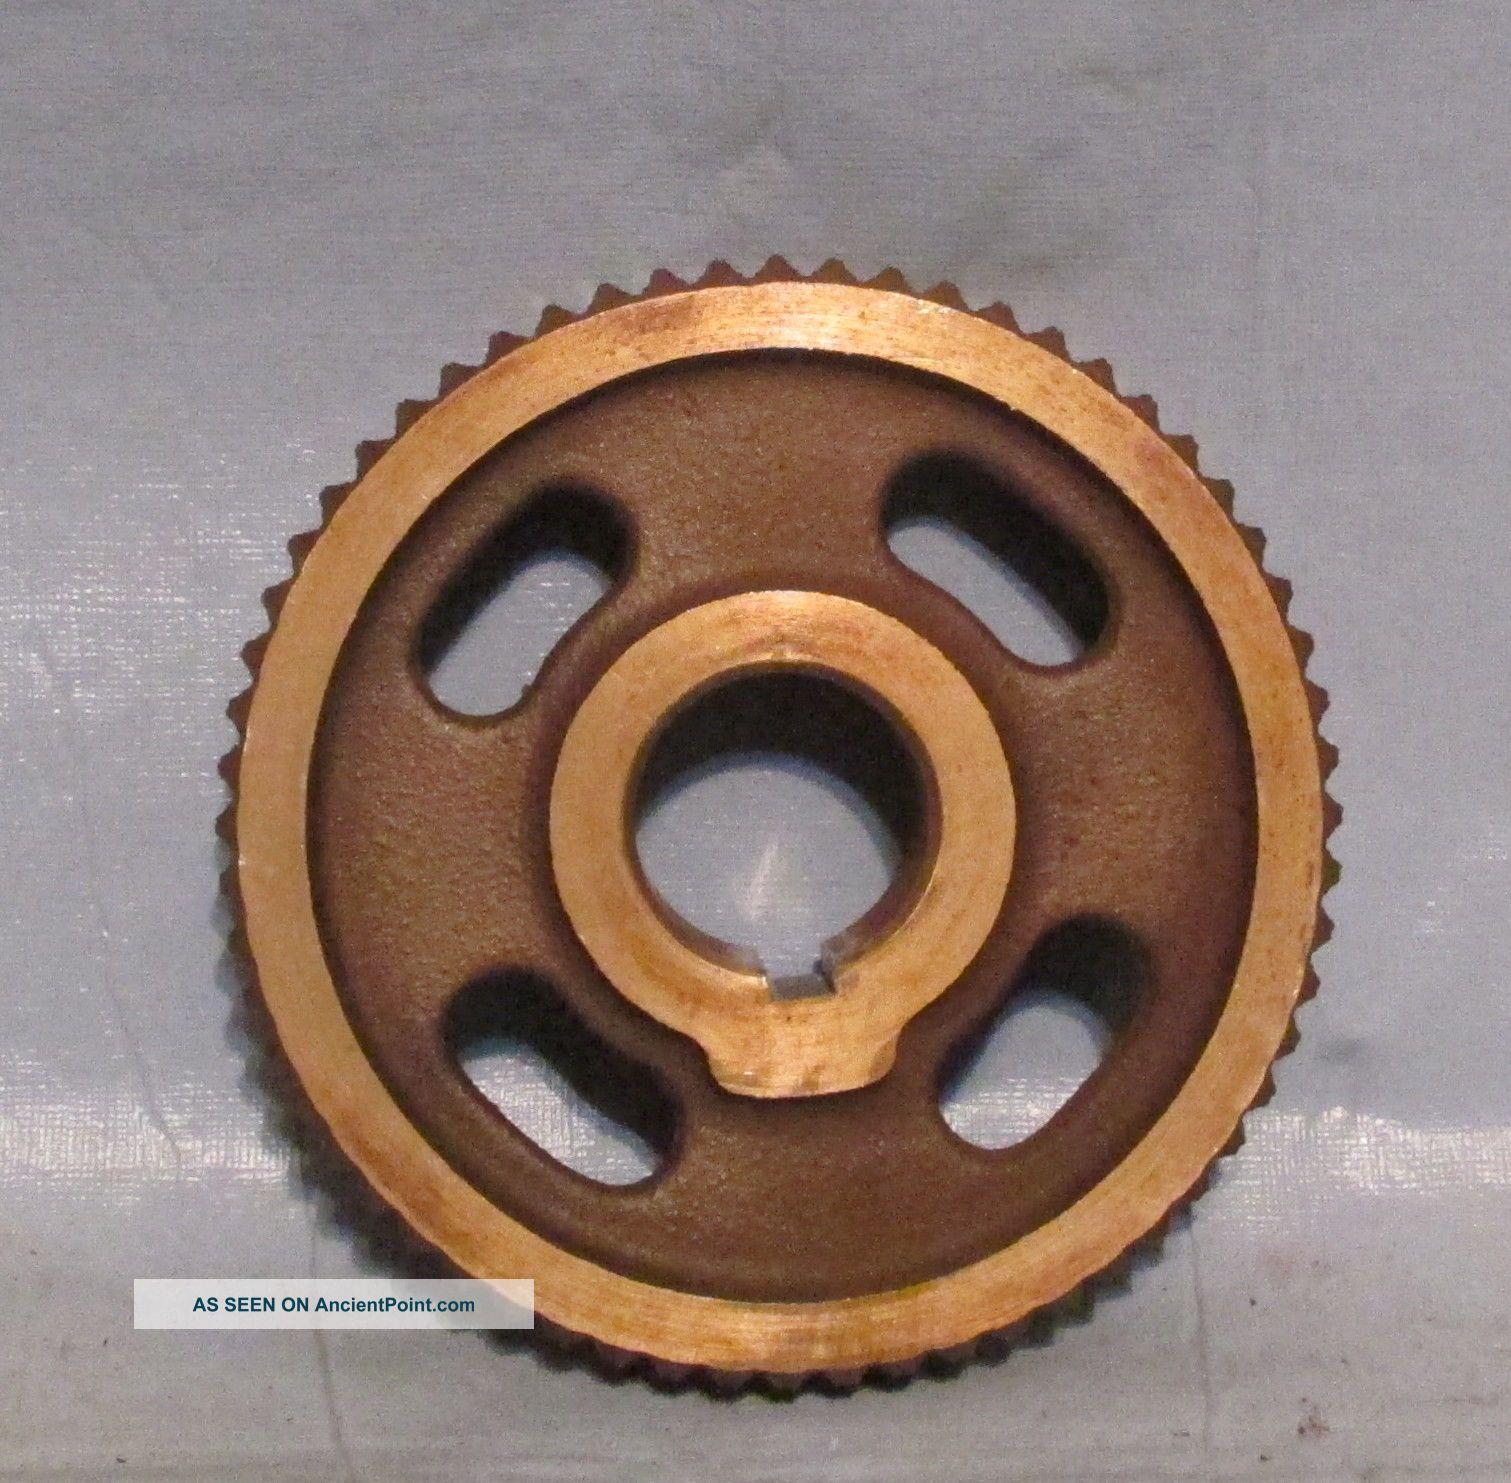 Vintage Industrial Machine Age Brass Cog// Gear Lamp Piece Steampunk Art